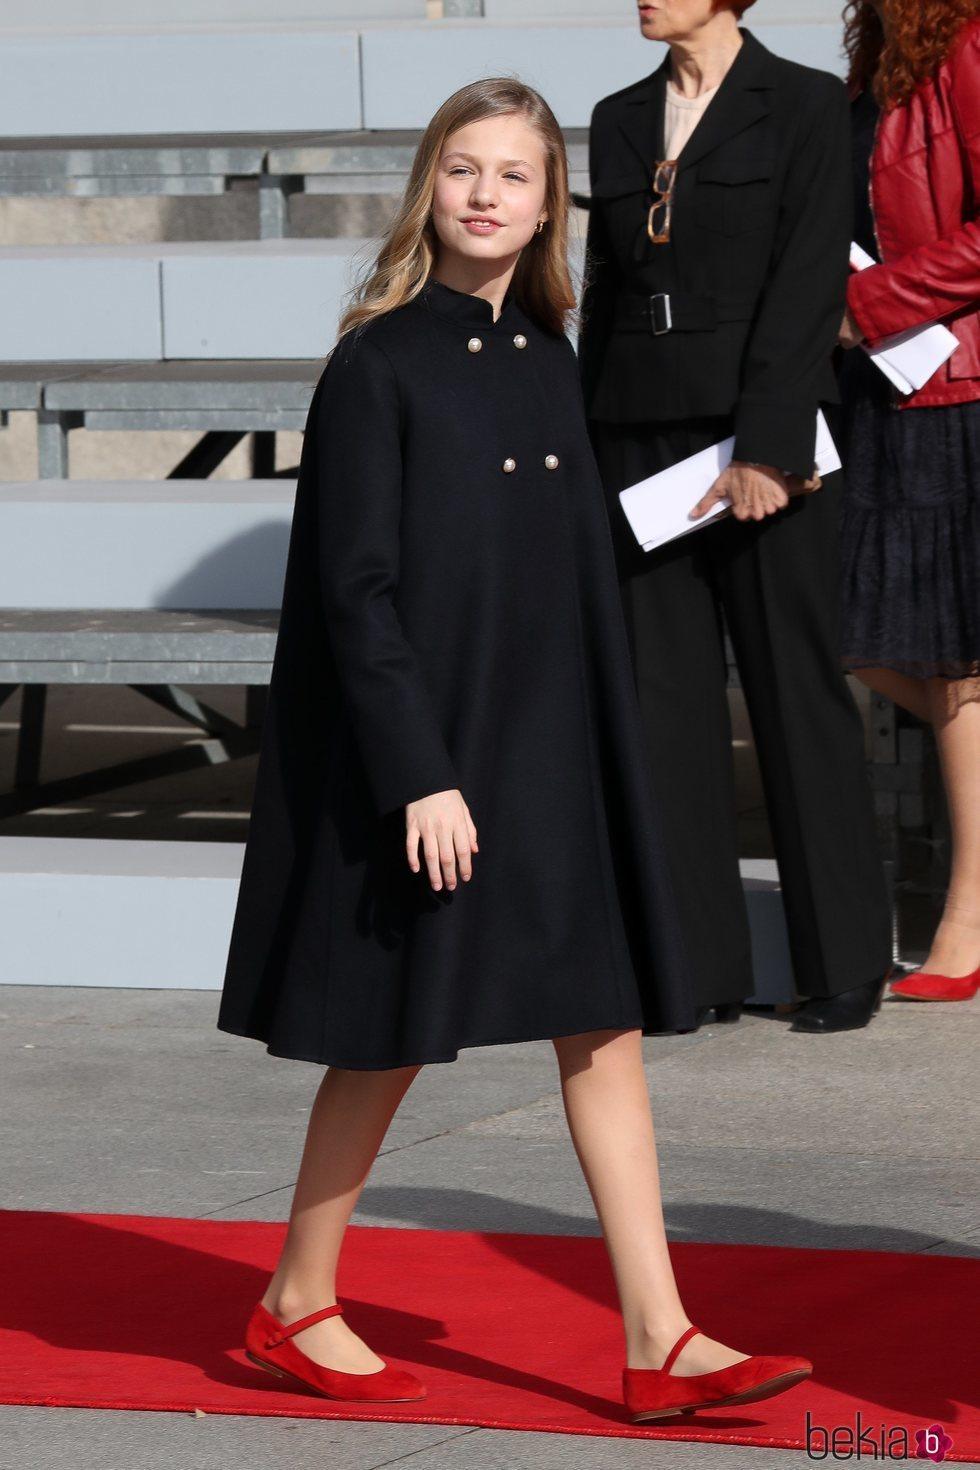 La Princesa Leonor llegando a la Apertura de la XIV Legislatura